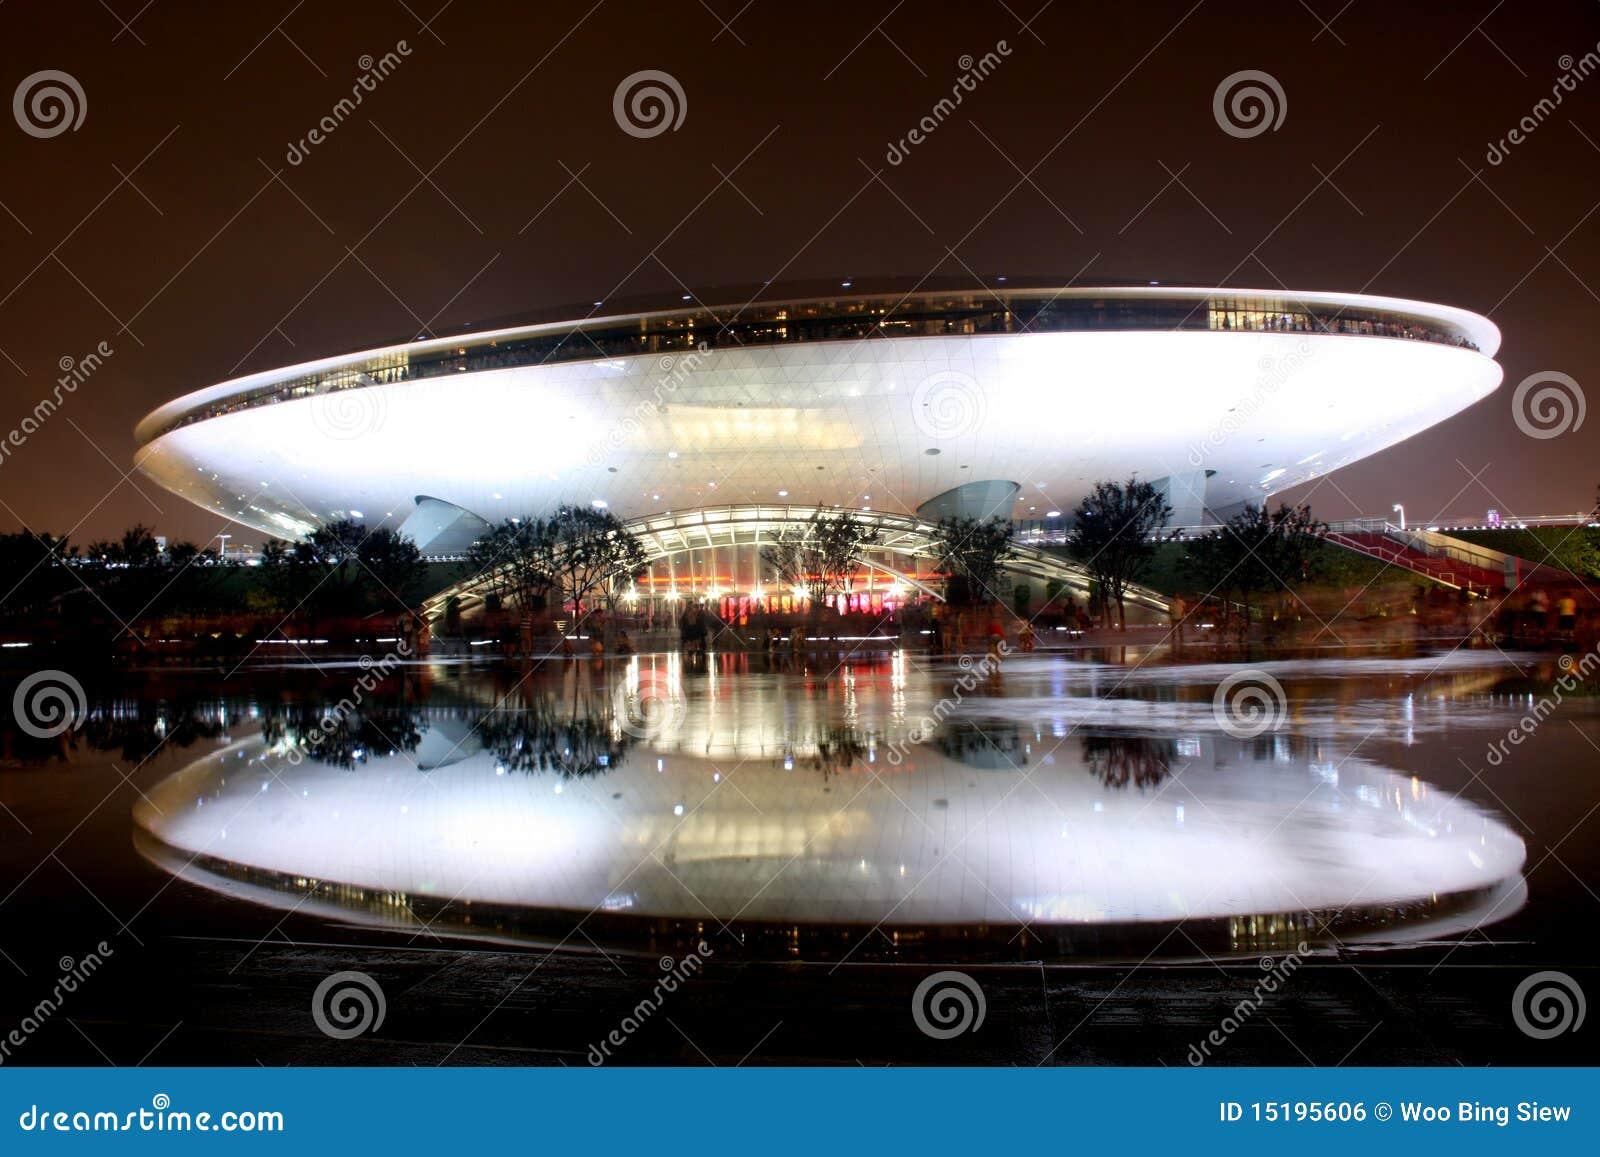 Shanghai World Expo Culture Center